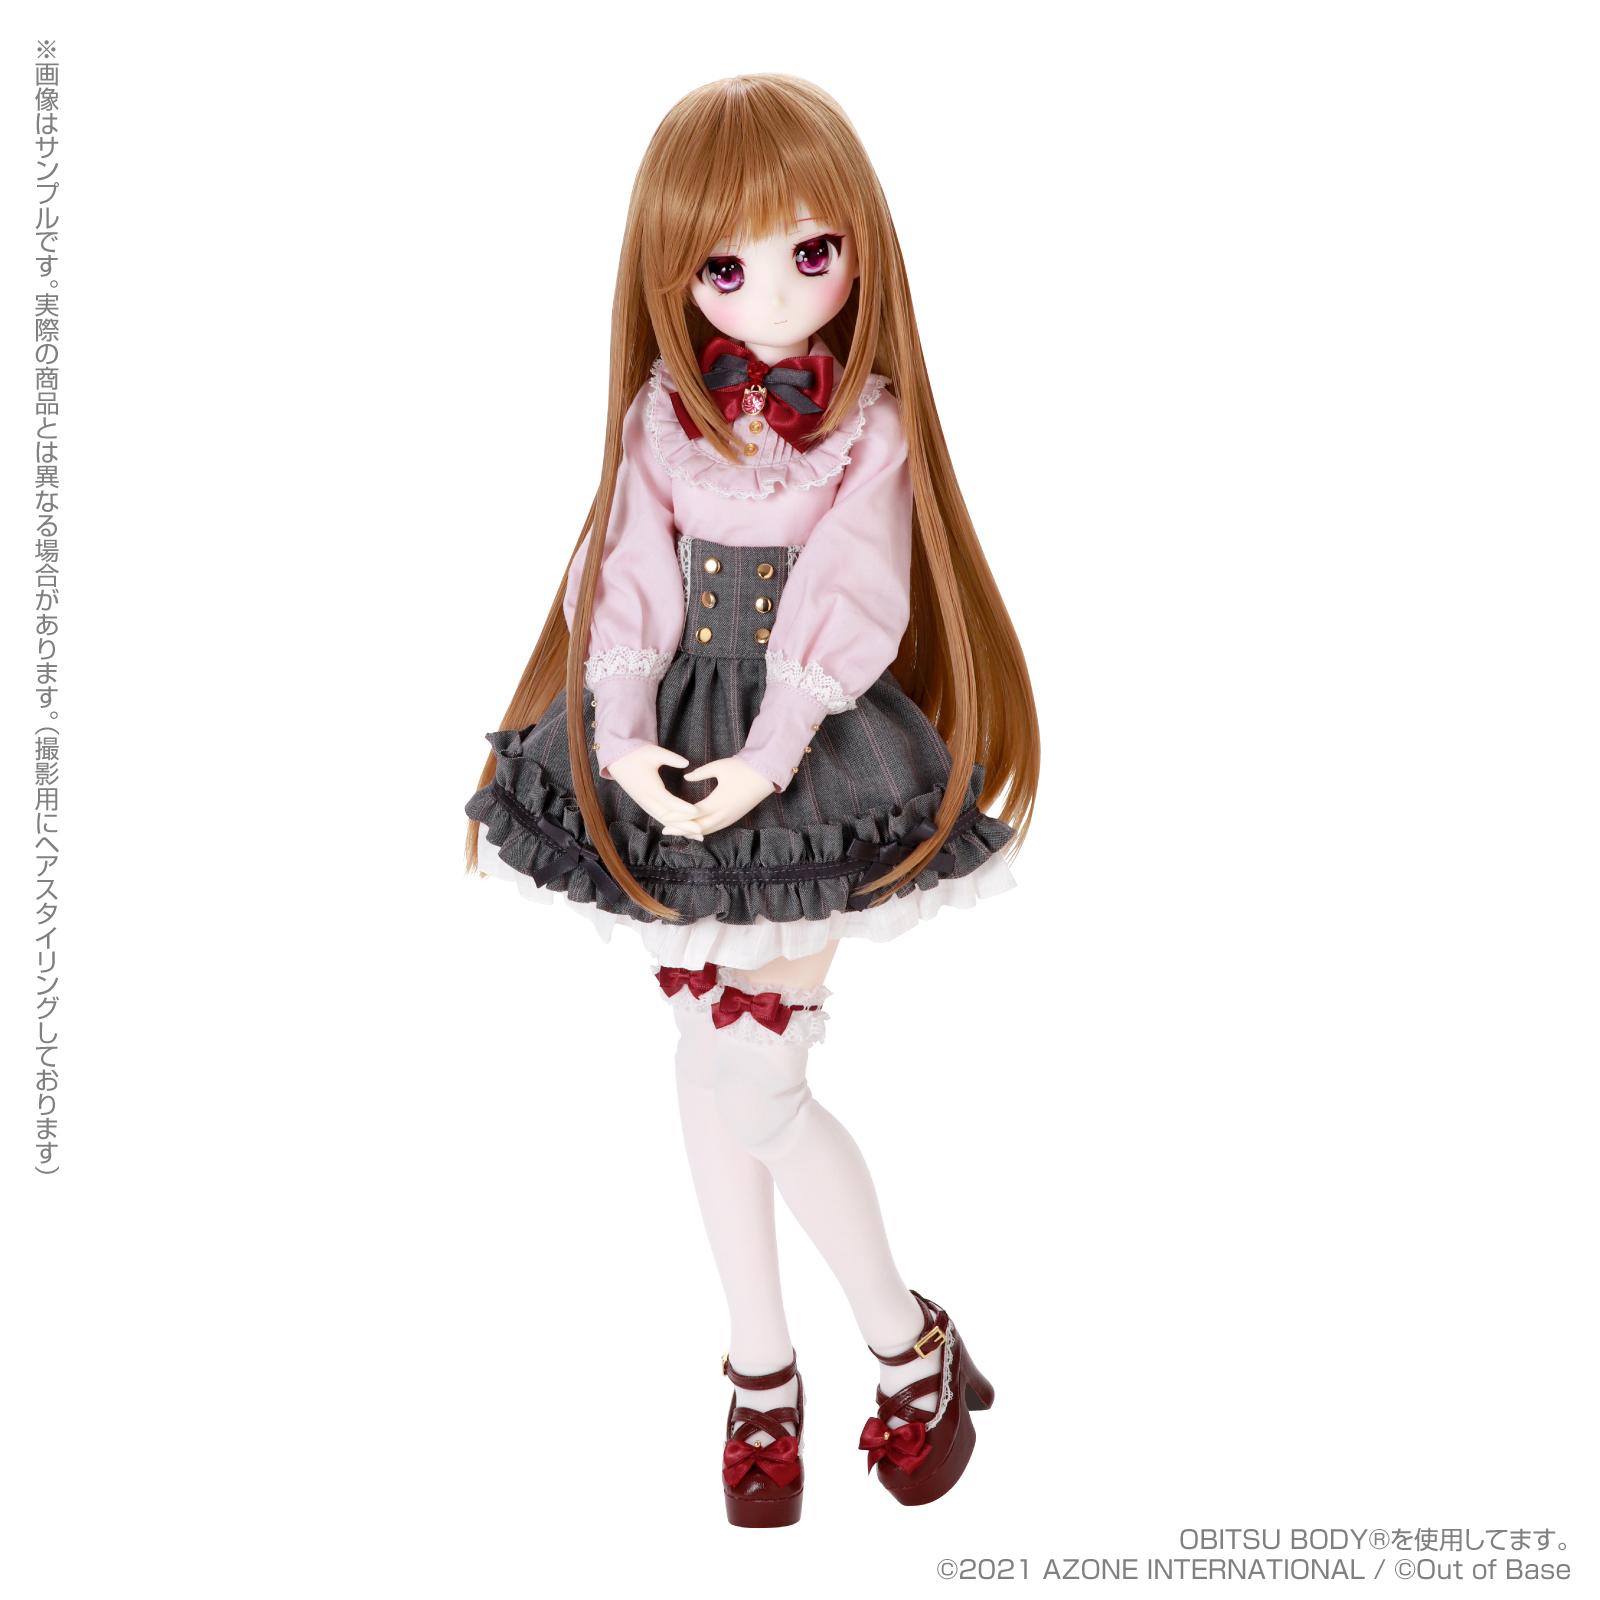 【再販】Iris Collect petit『すずね/~Wonder fraulein~Goth×Loli cats(通常販売ver.)』アイリスコレクト プチ 1/3 完成品ドール-018